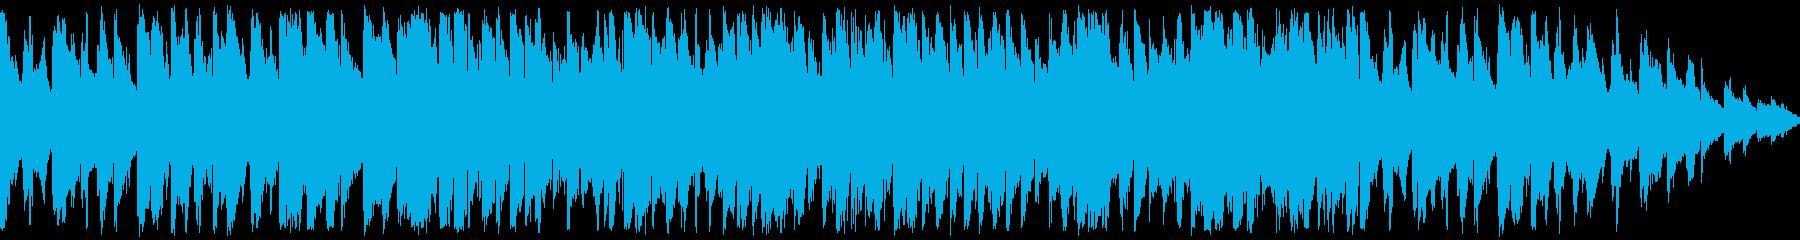 おしゃれなジャズポップス系BGMの再生済みの波形